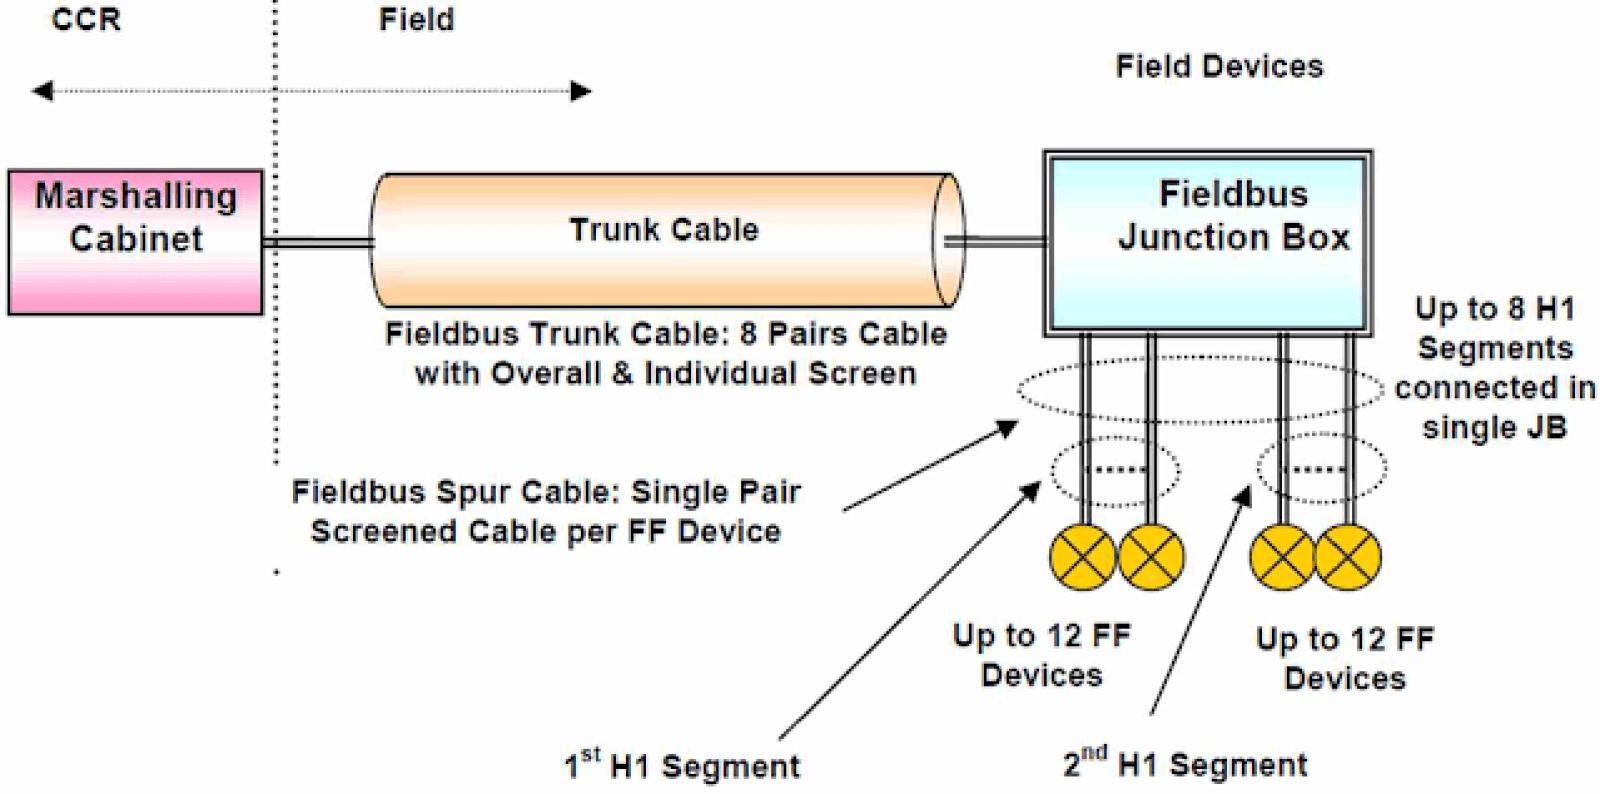 FOUNDATION™ Fieldbus Segment Wiring Design Requirements